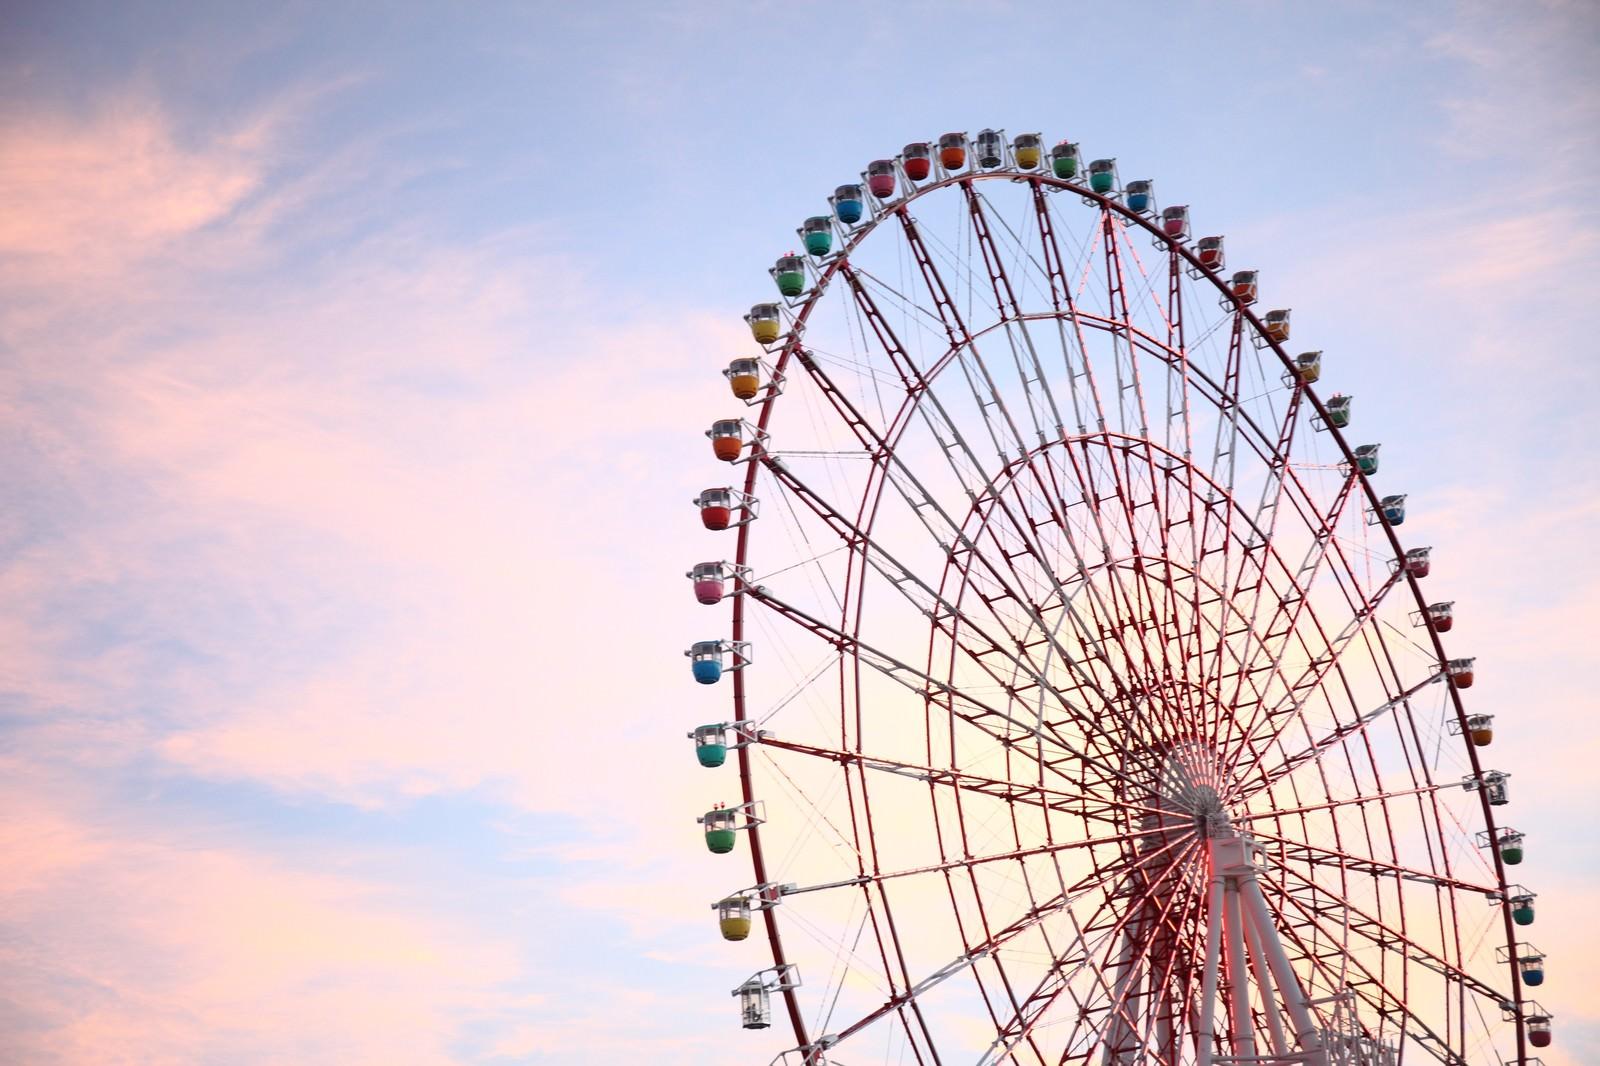 「夕焼けがロマンチックな観覧車夕焼けがロマンチックな観覧車」のフリー写真素材を拡大